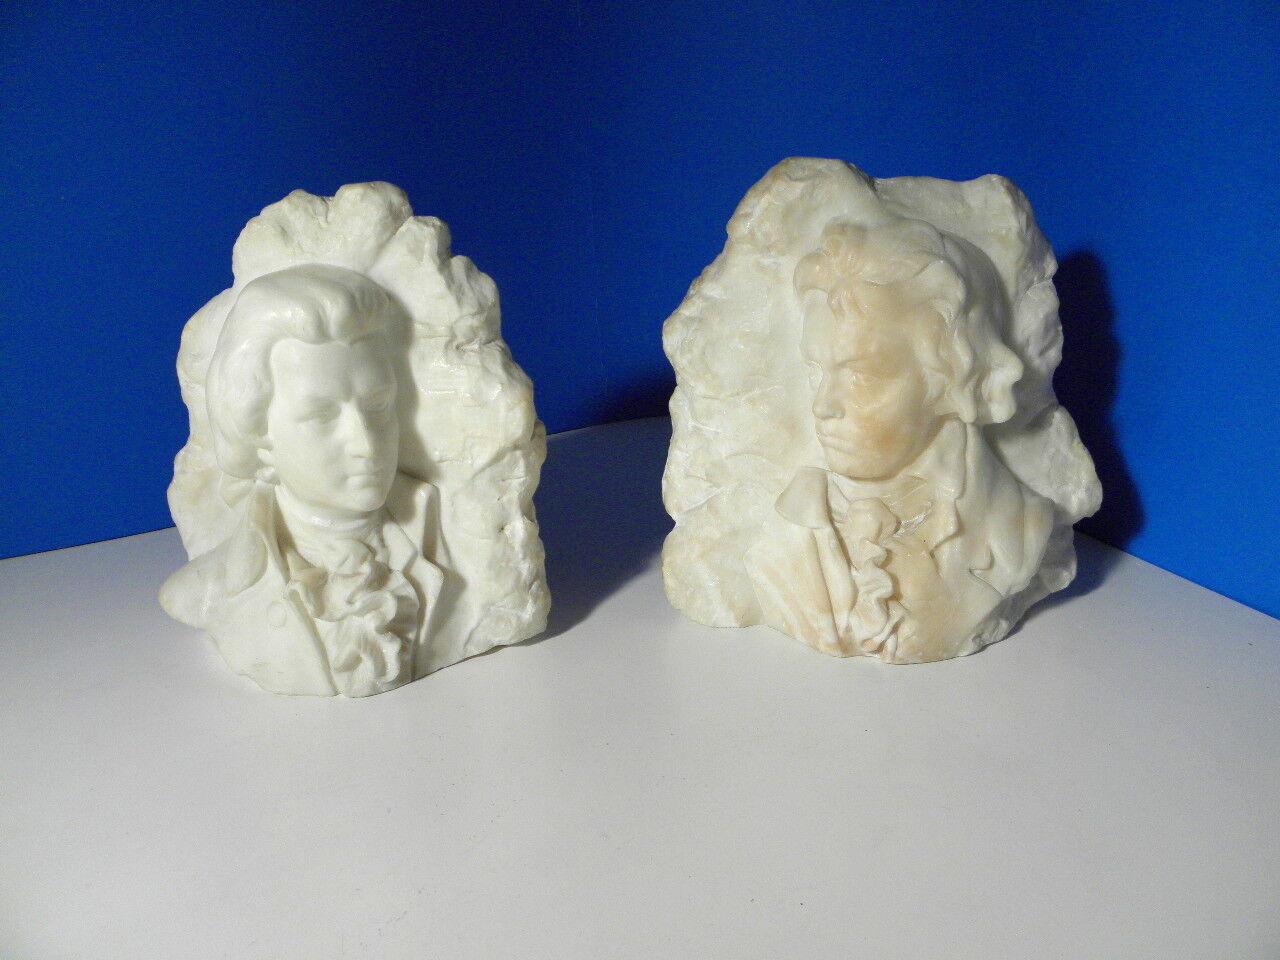 Mozart & Beethoven - antike Alabaster Büsten - Kochendörfer - Buchstützen